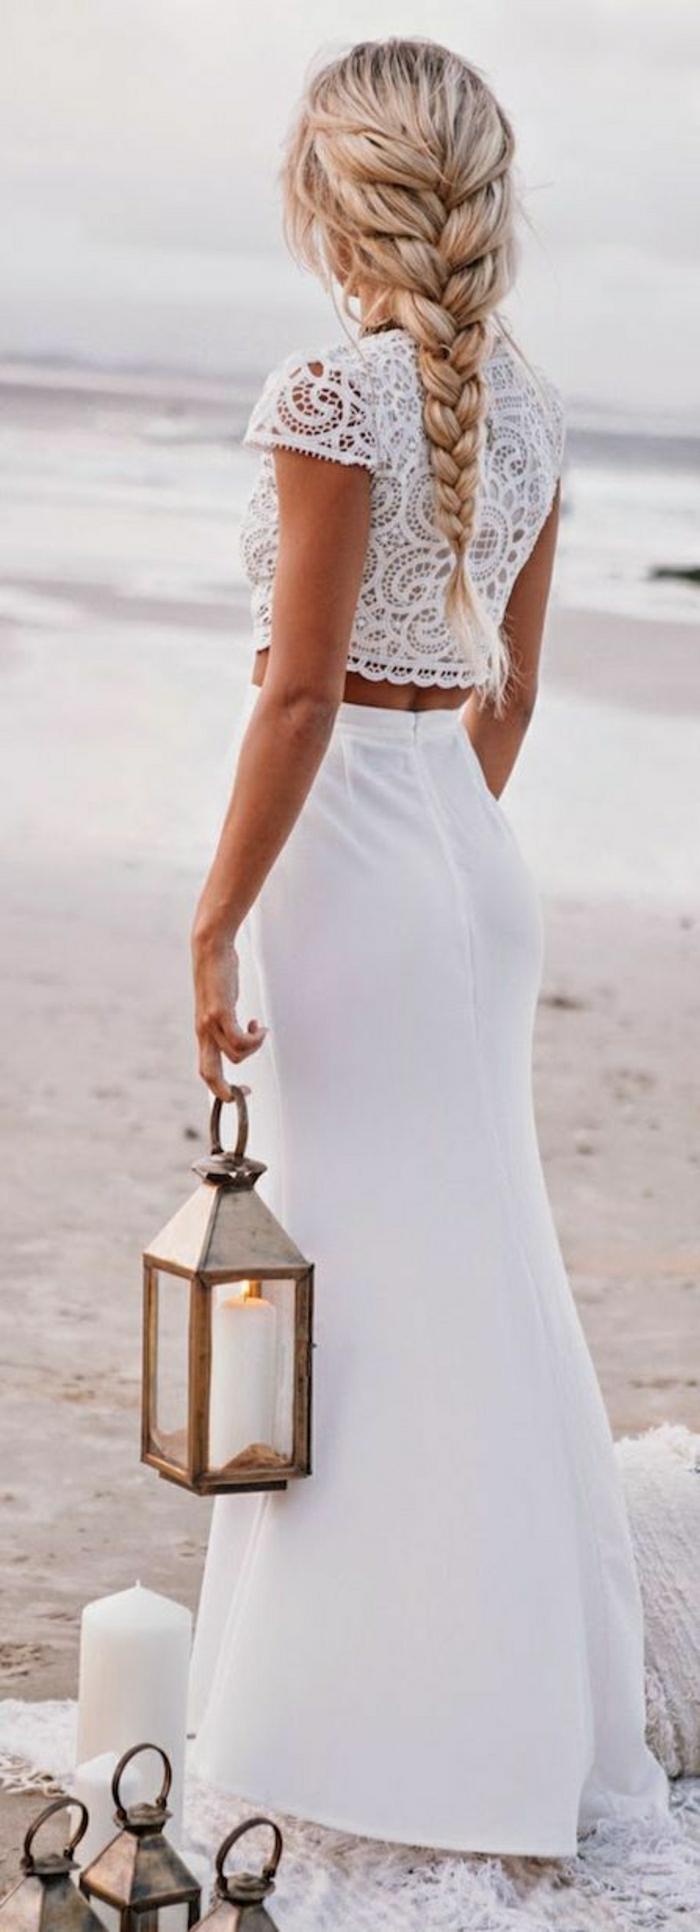 Sommerkleider-in-Weiß-zwei-Teile-Mädchen-Zopf-Laternen-Kerzen